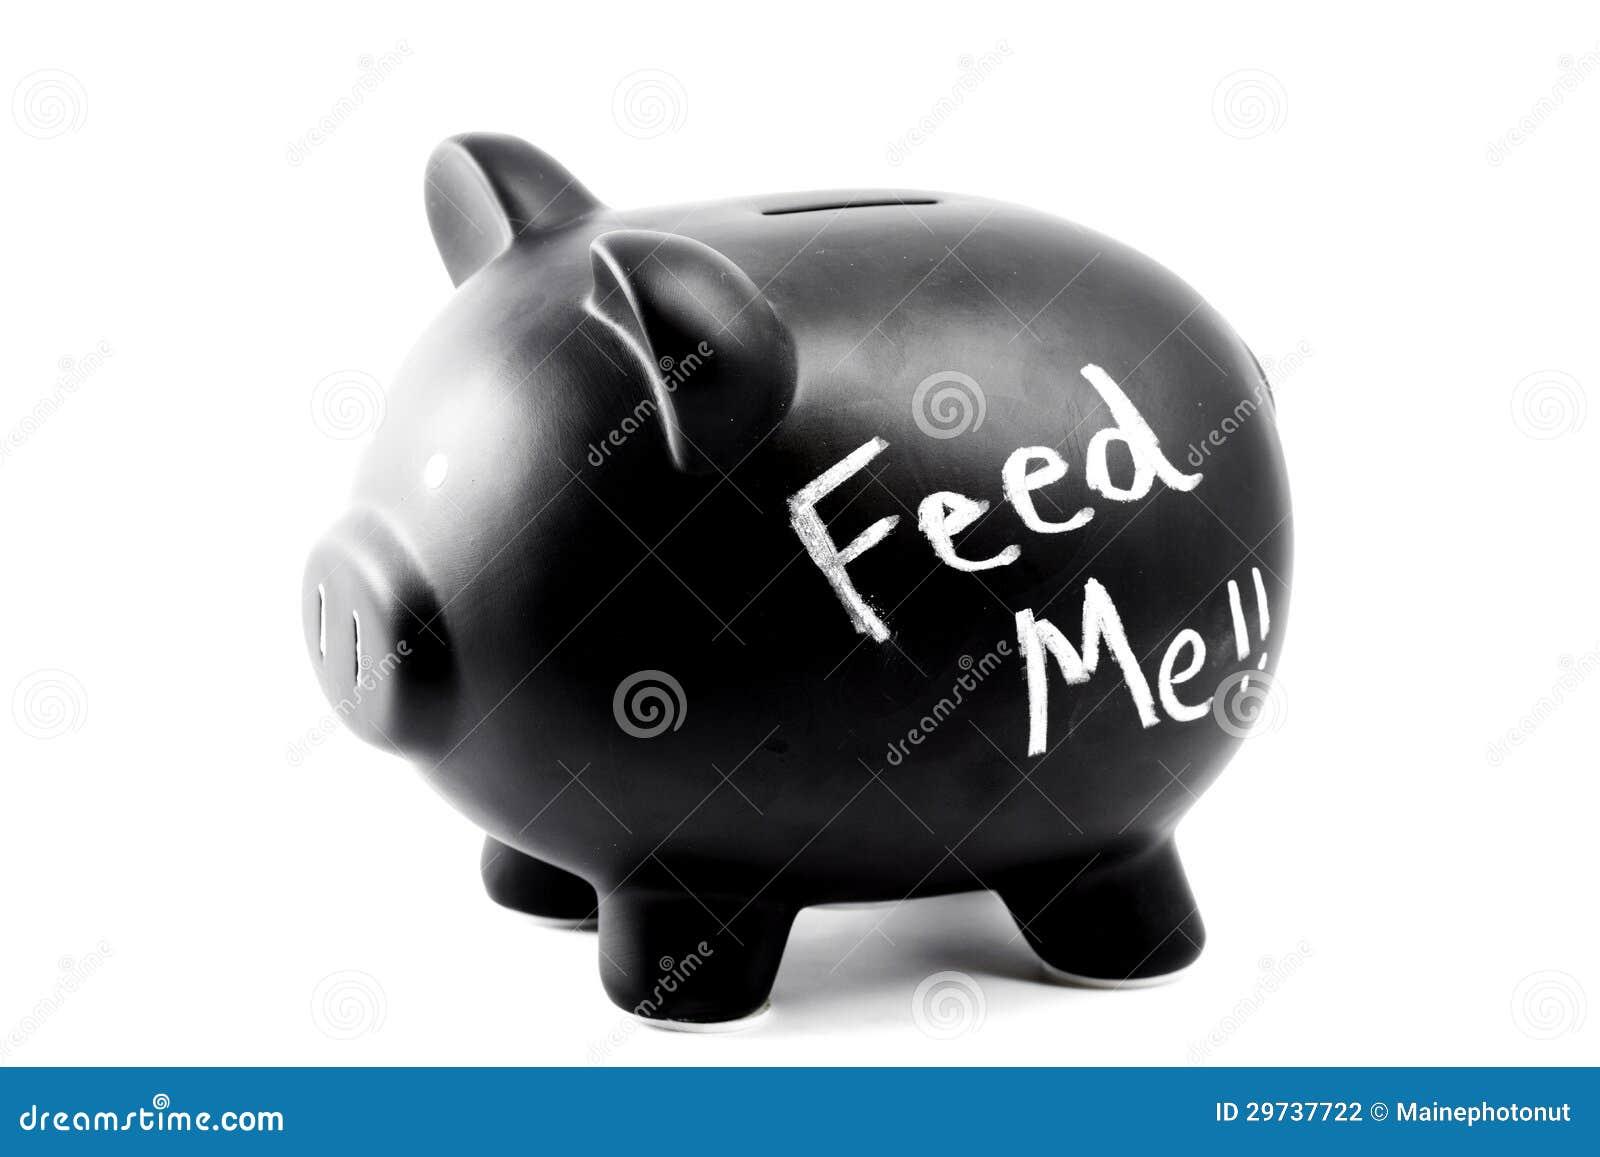 The Piggy Bank